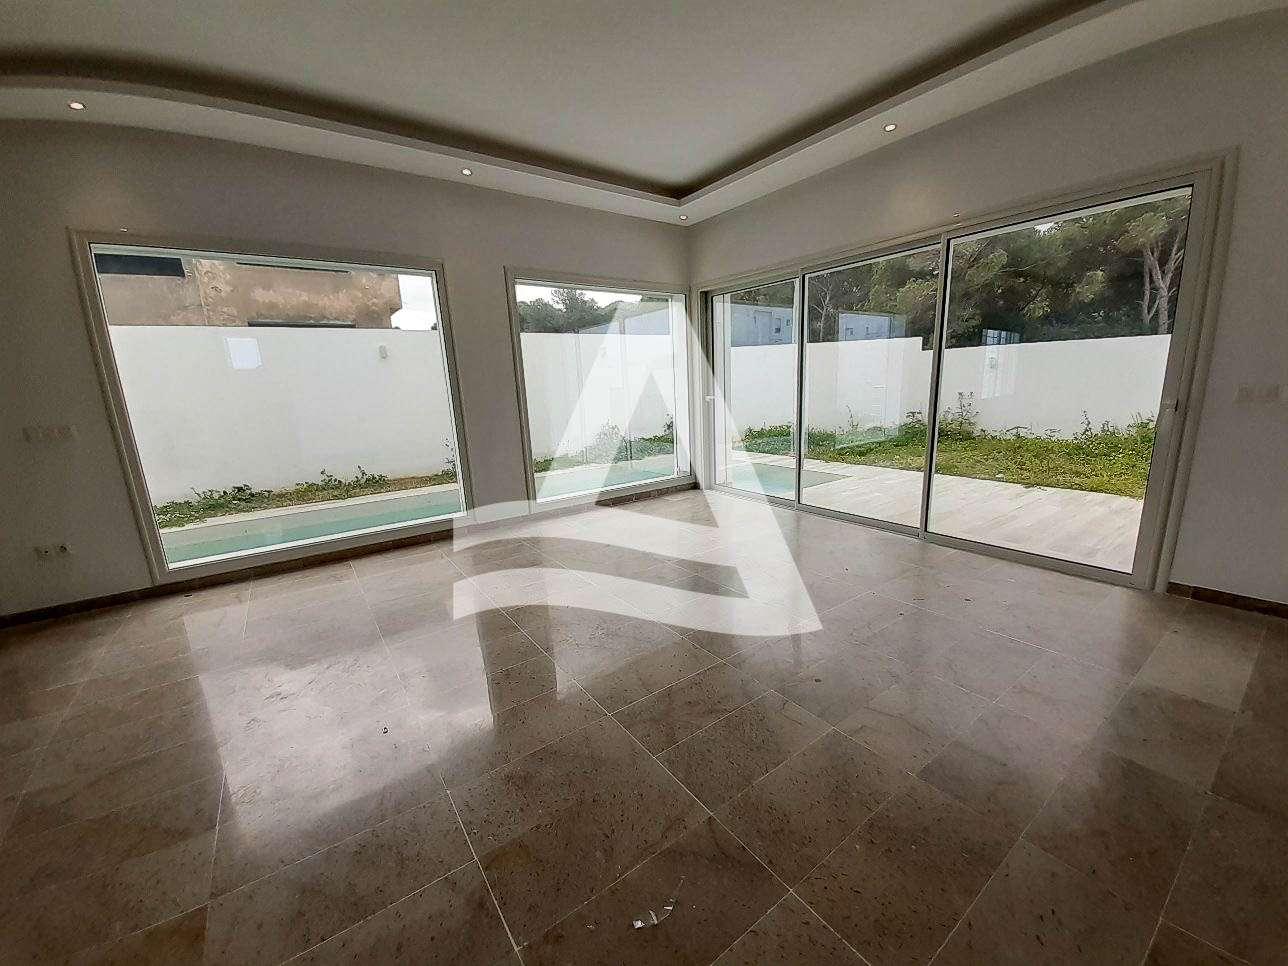 httpss3.amazonaws.comlogimoawsarcane_immobiliere_la_marsa_-_location-_vente_la_marsa_-19_1583333549995